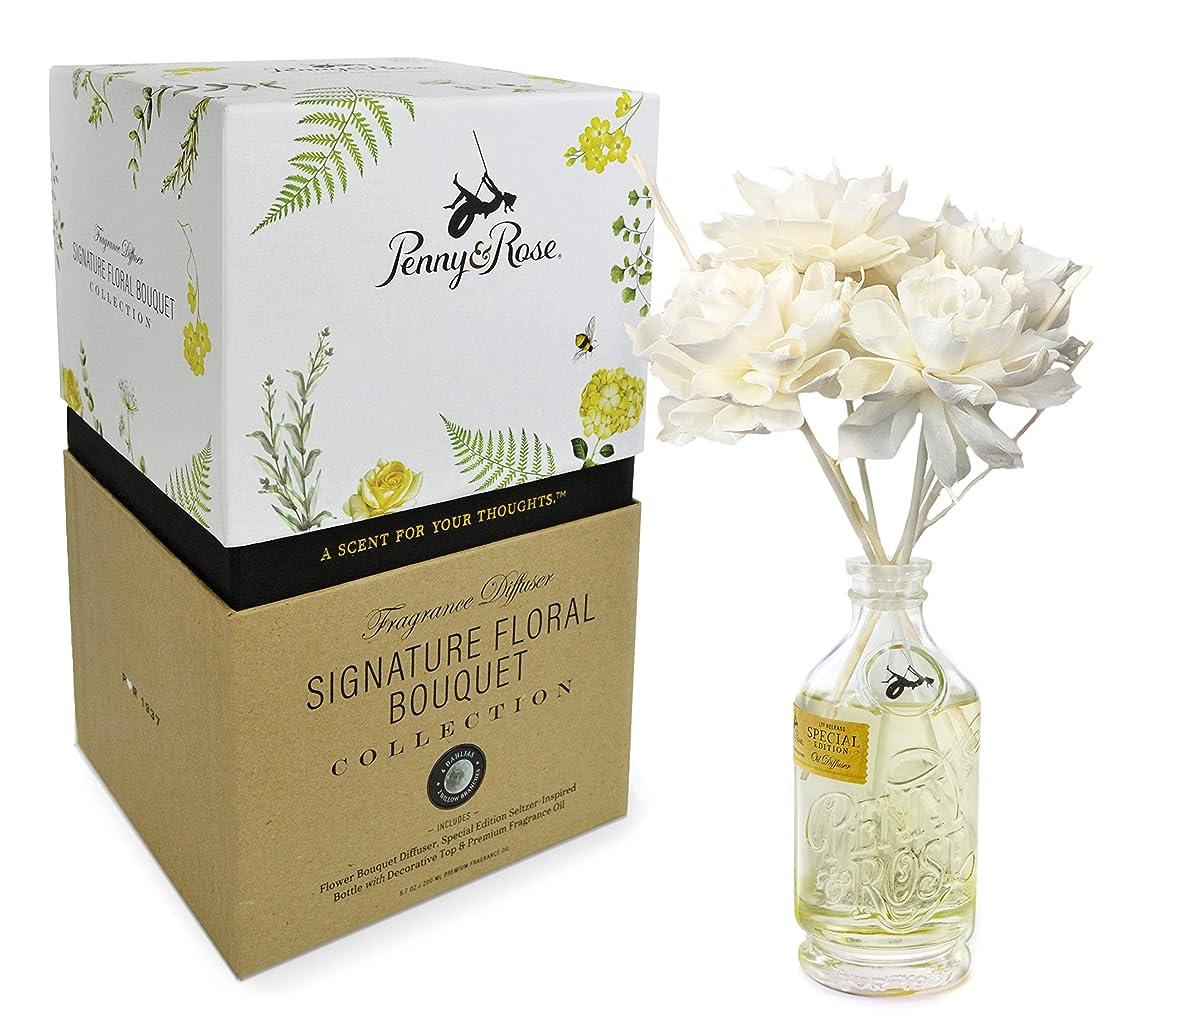 値下げキャッチメルボルンPenny & Rose Dahlia フローラルオイルディフューザー ホームフレグランスの香り 芝生チェア レモネード